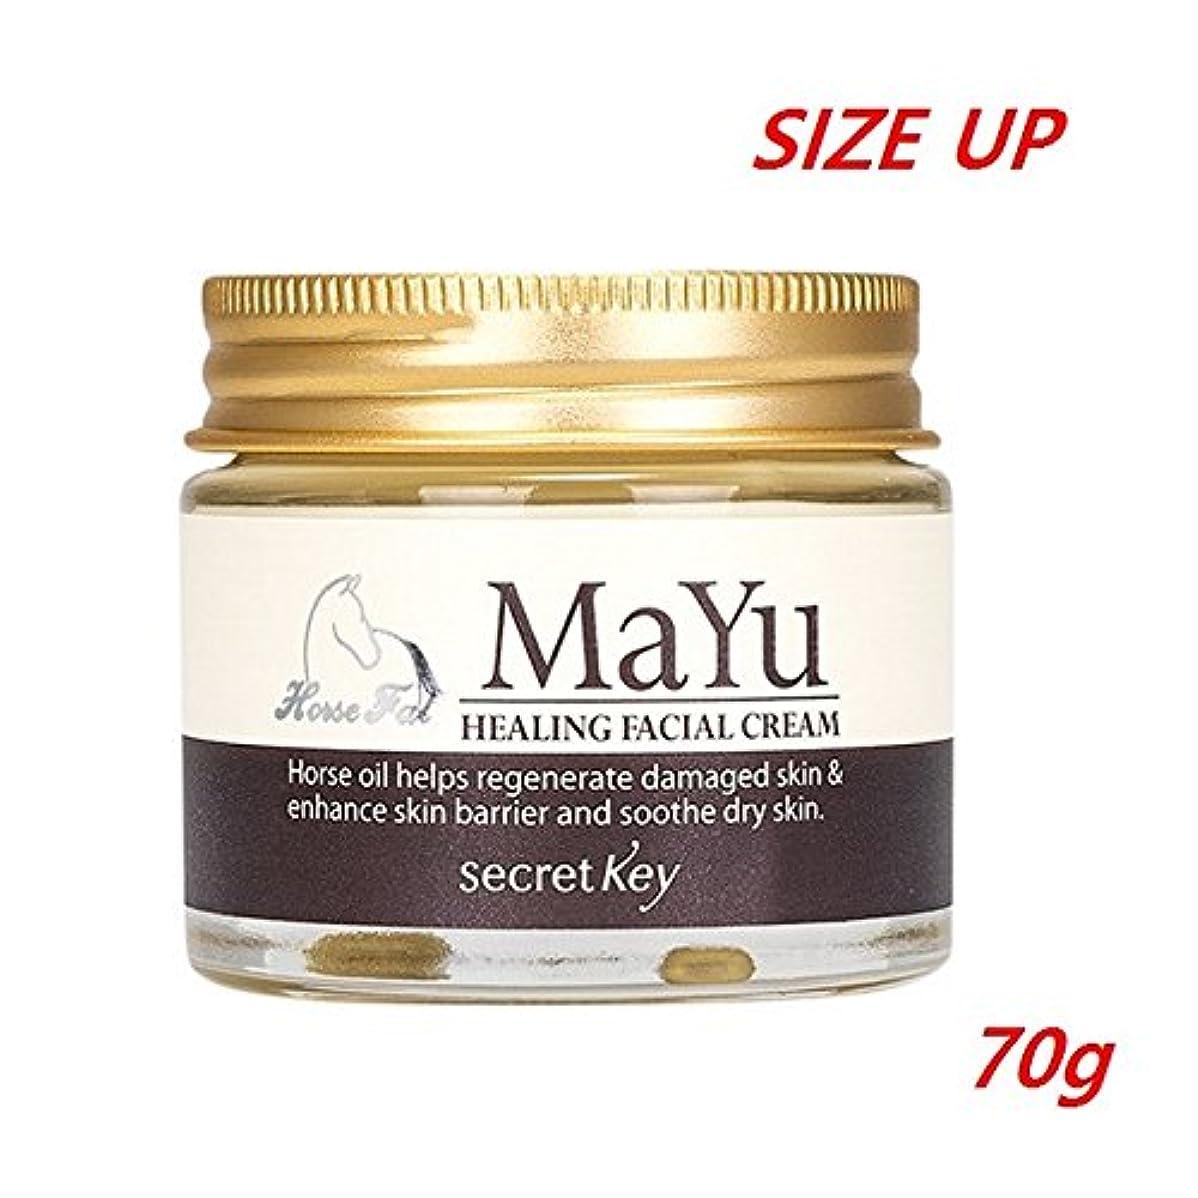 心のこもった引き出し債務者シークレットキー 馬油 ヒーリング フェイシャル クリーム/Secret Key Mayu Healing Facial Cream 70g Size Up(50g to 70g Up Grade) [並行輸入品]